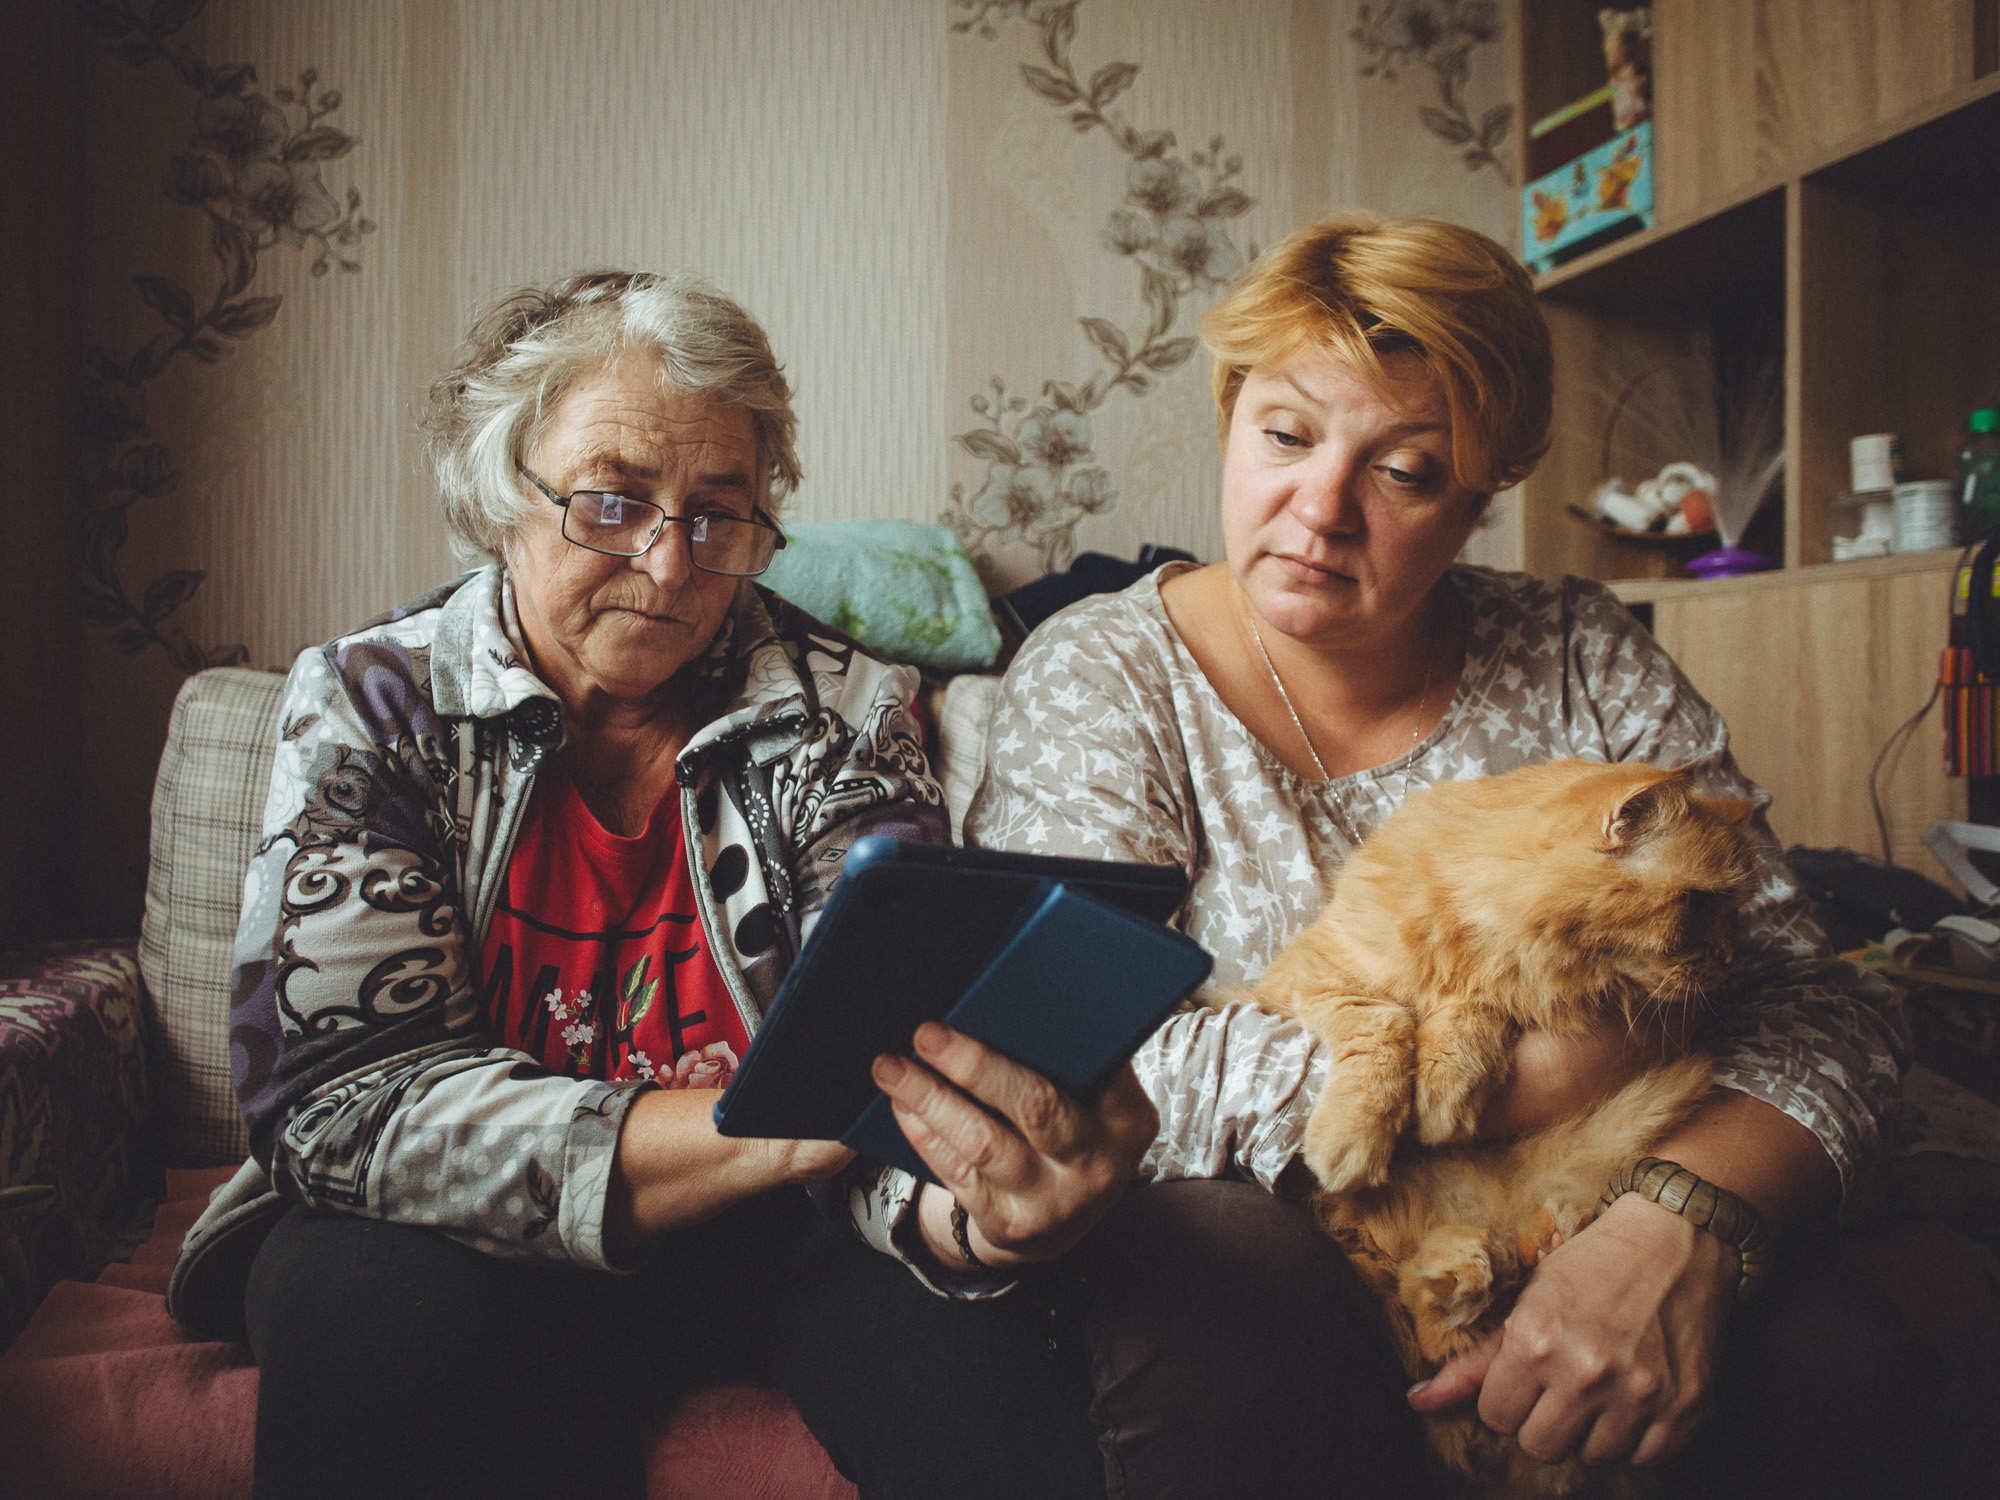 Фото: Александр Васюкович для ИМЕН